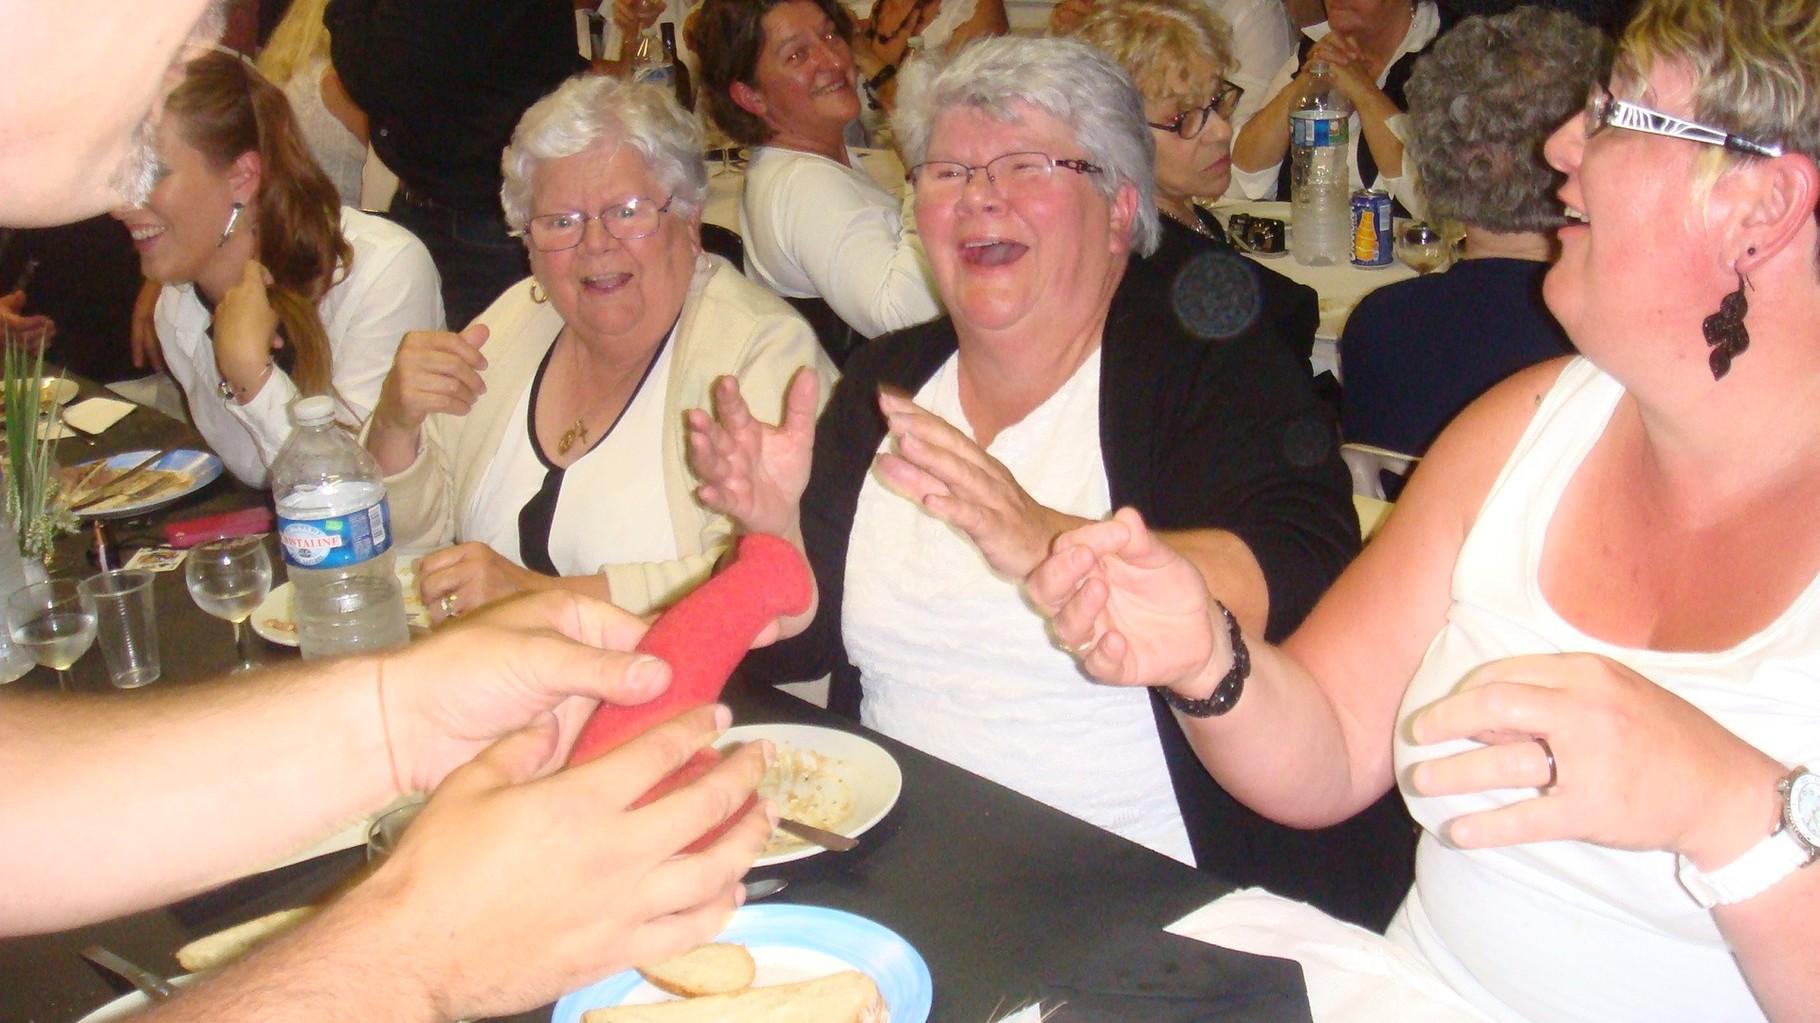 Ah!!! les mémés - ca rigole bien..